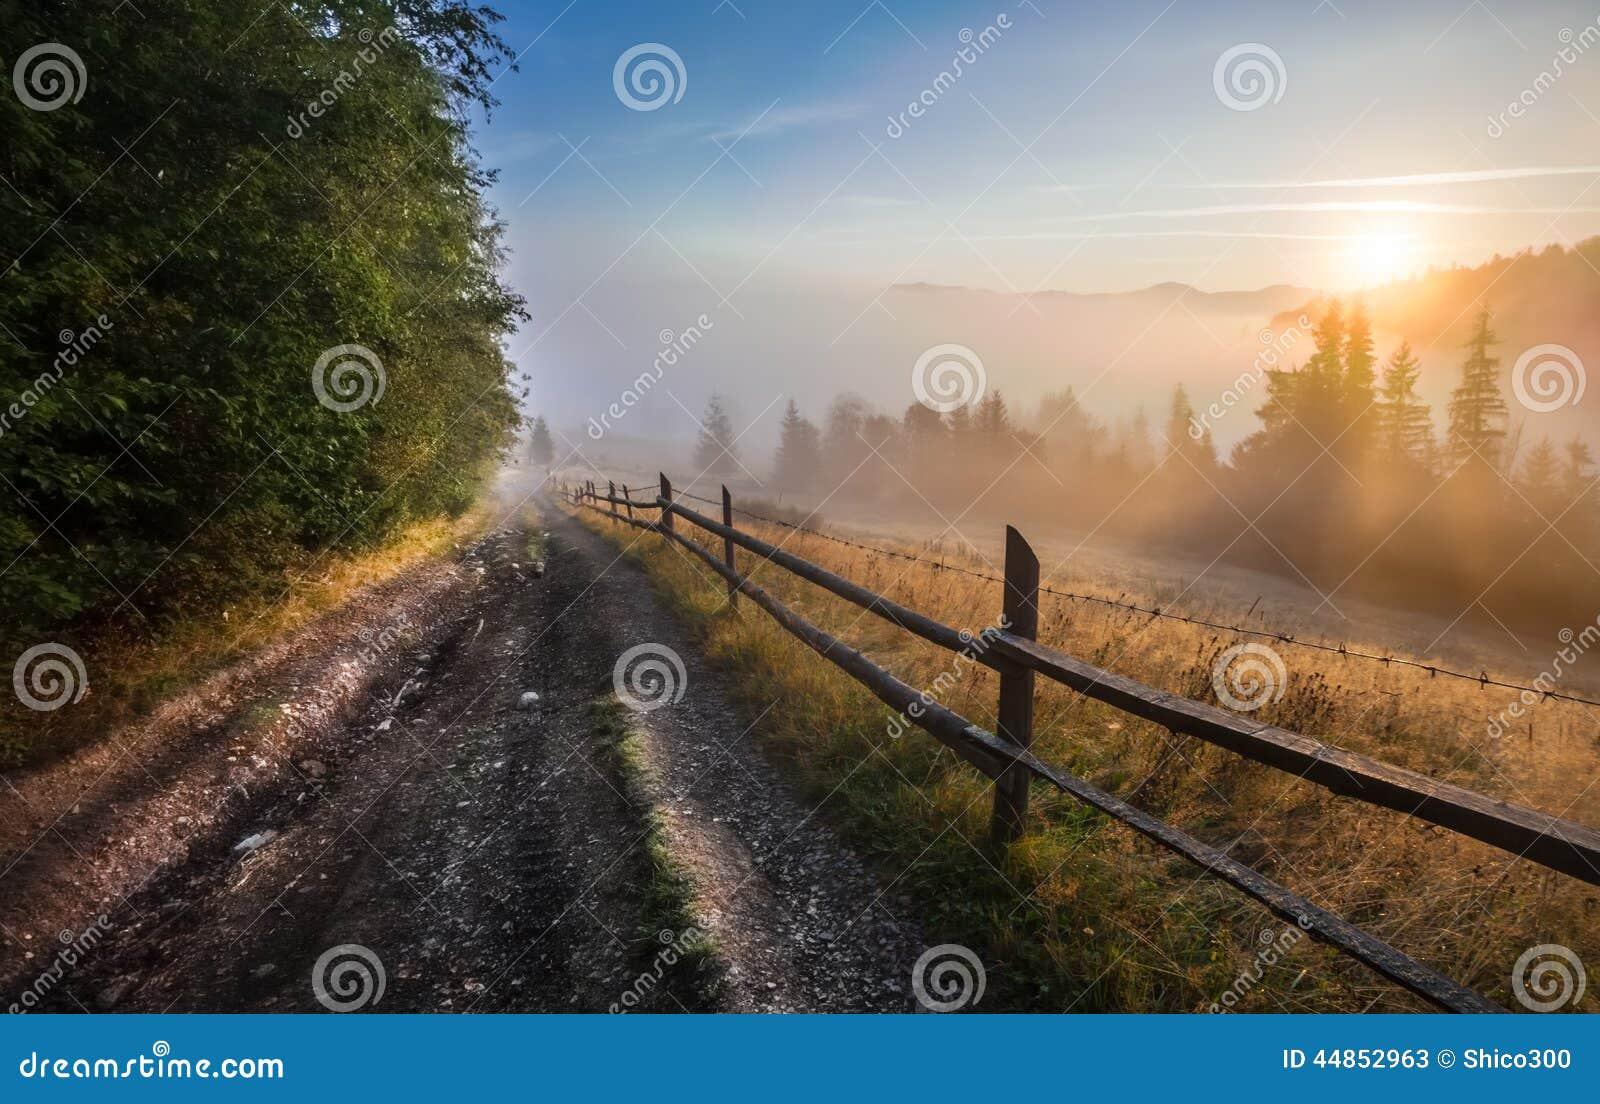 Paisaje del valle de la montaña de la niebla y de la nube,